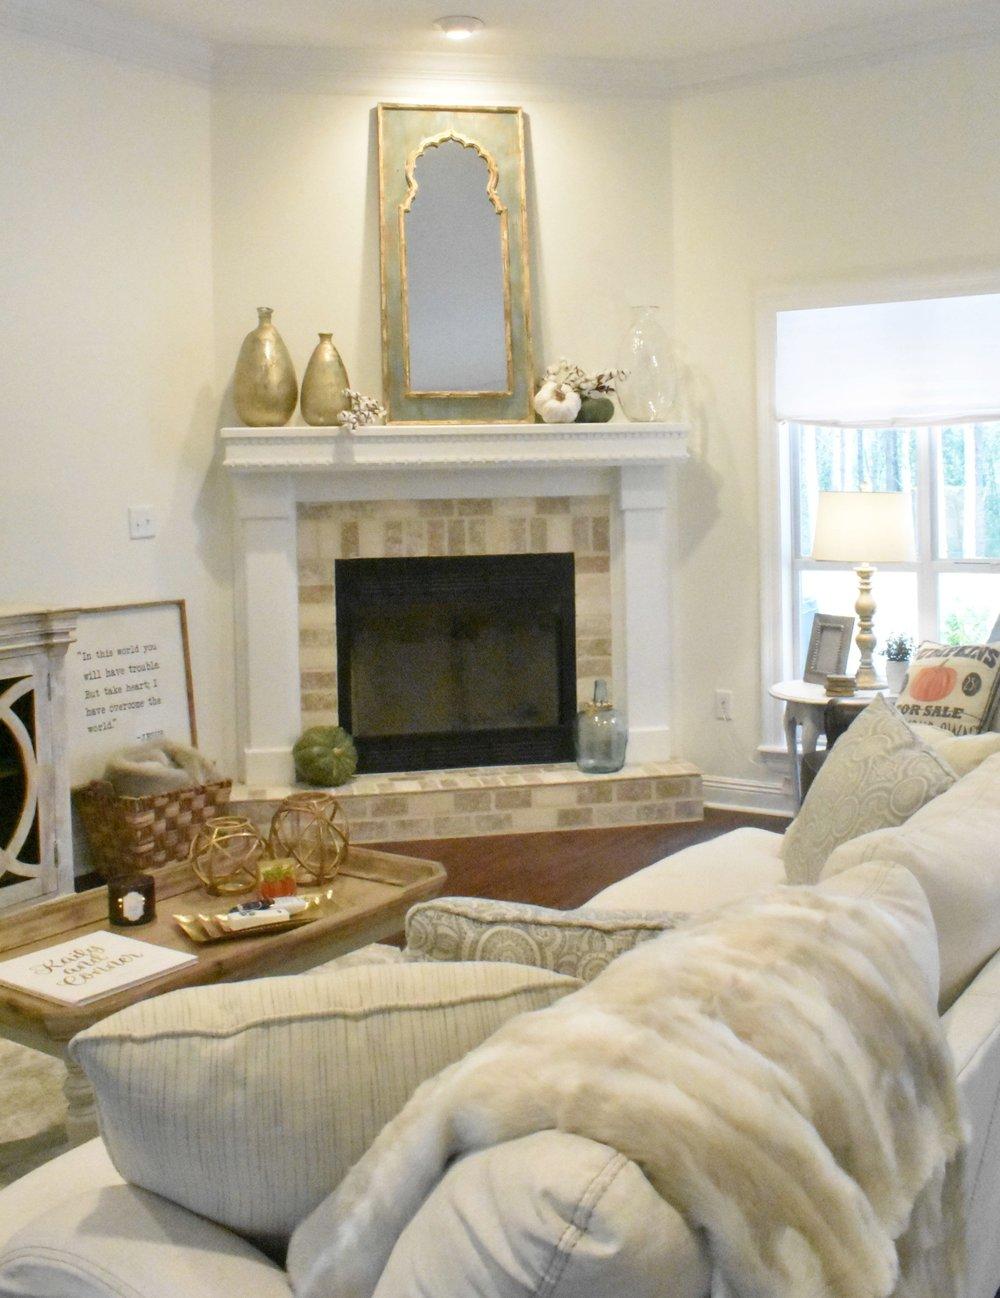 Fireplace+City+Home+Center.jpeg